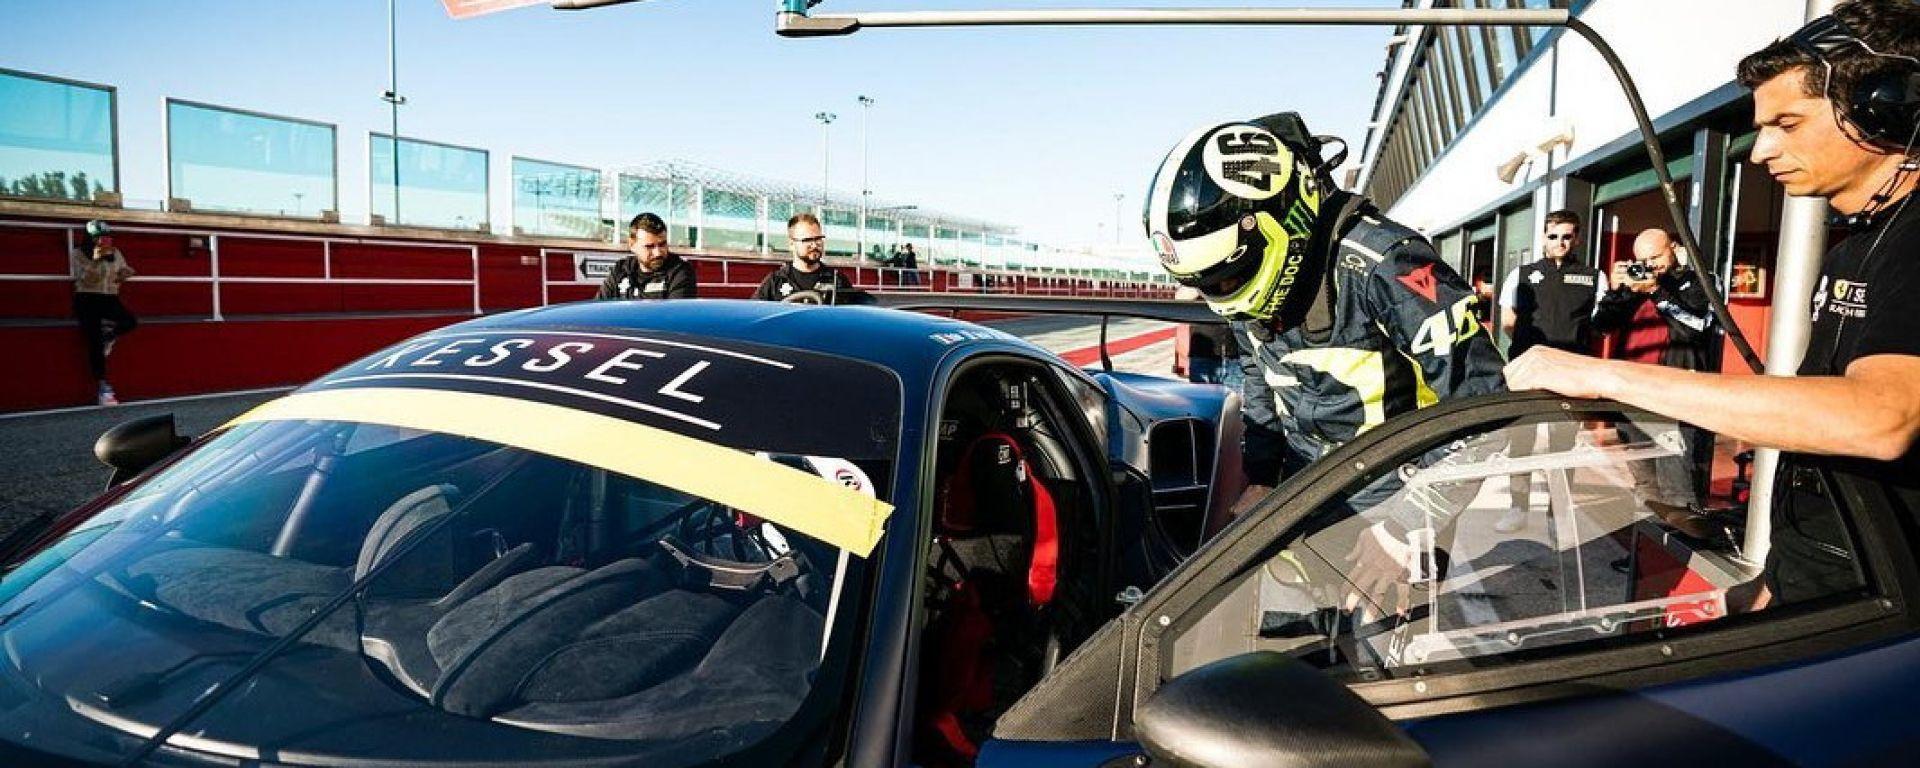 Test Misano 2019, Valentino Rossi, Ferrari 488 GT3 in preparazione della 12 ore del Golfo